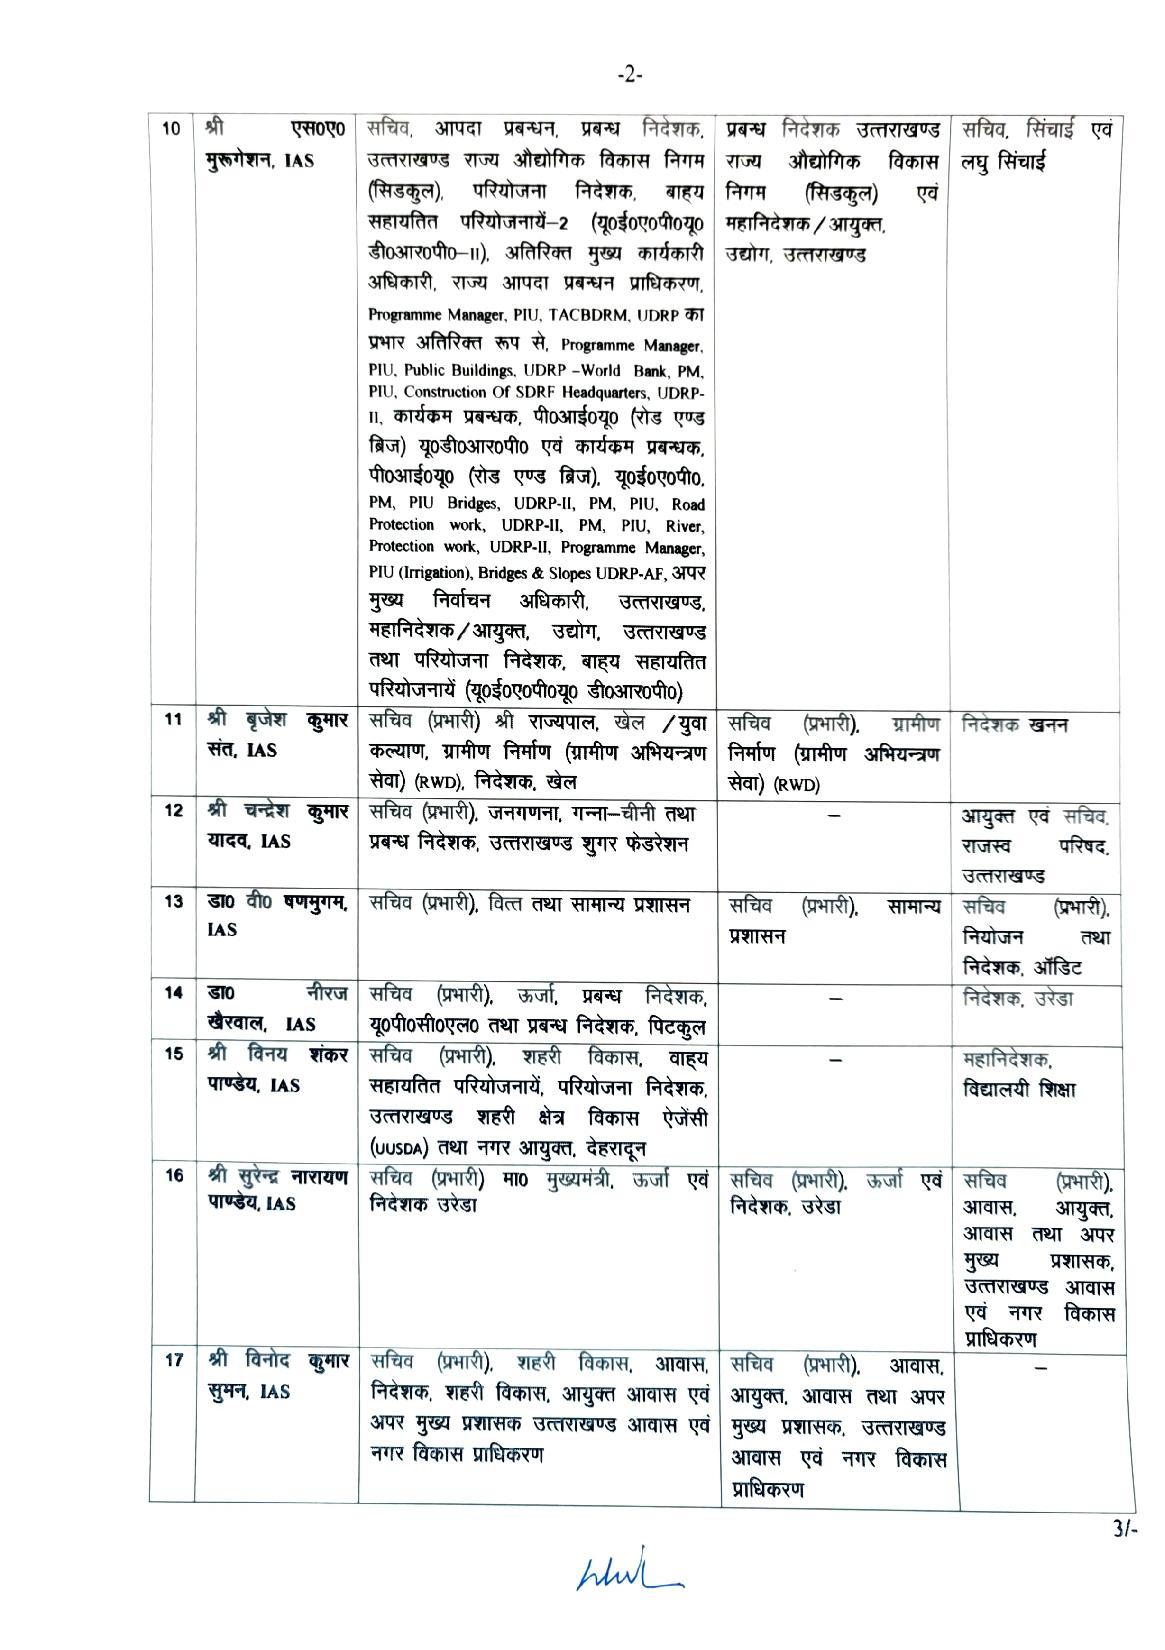 Uttarakhand officer transfer list